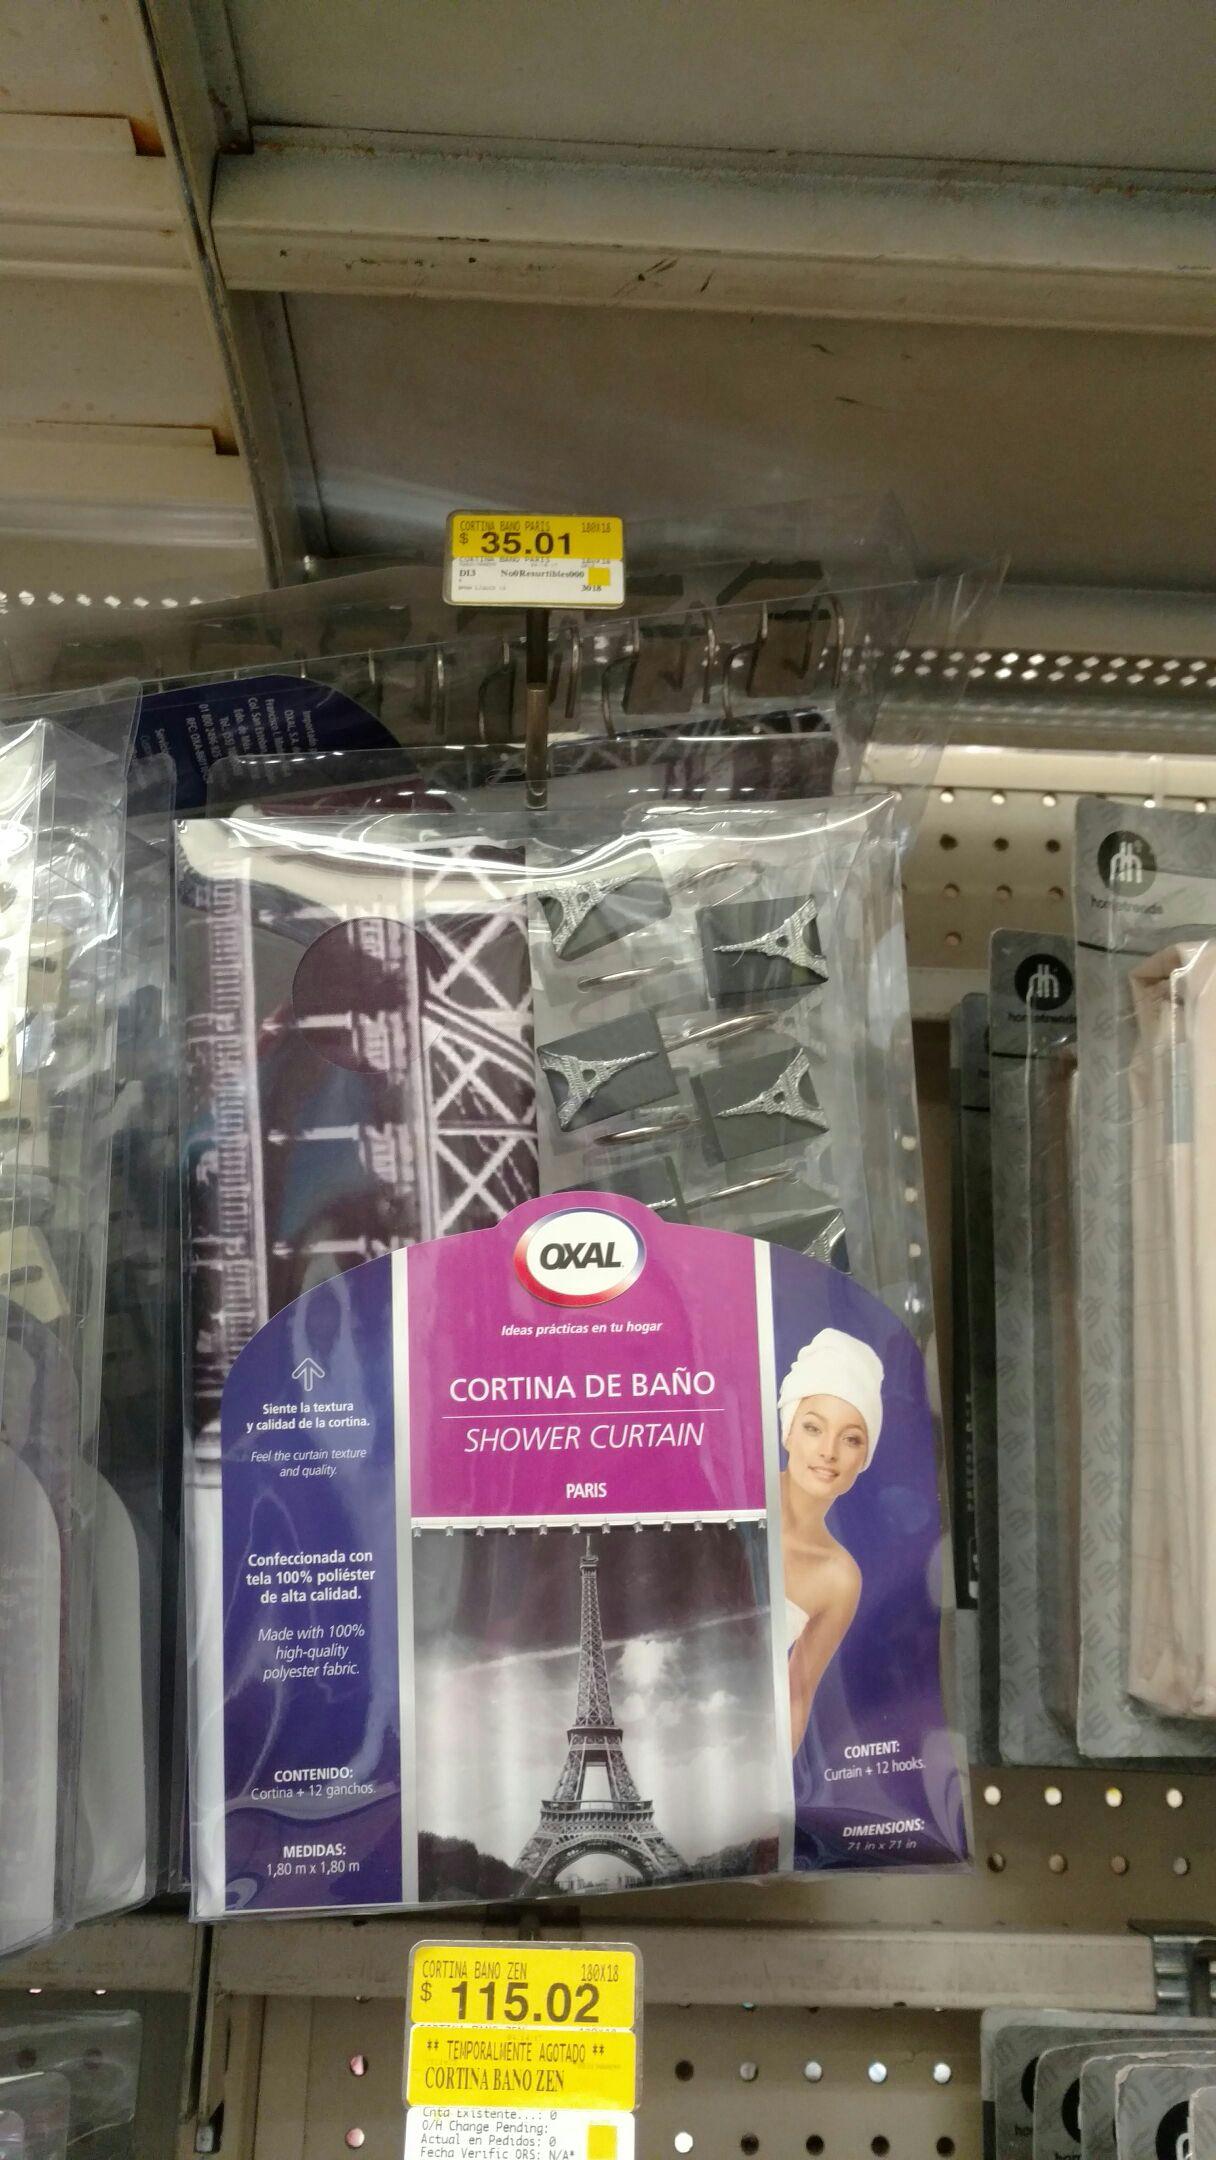 Walmart Taxqueña CdMx cortina para baño de $259 a $35.01 llevele llevele lleveleeeeeppppp